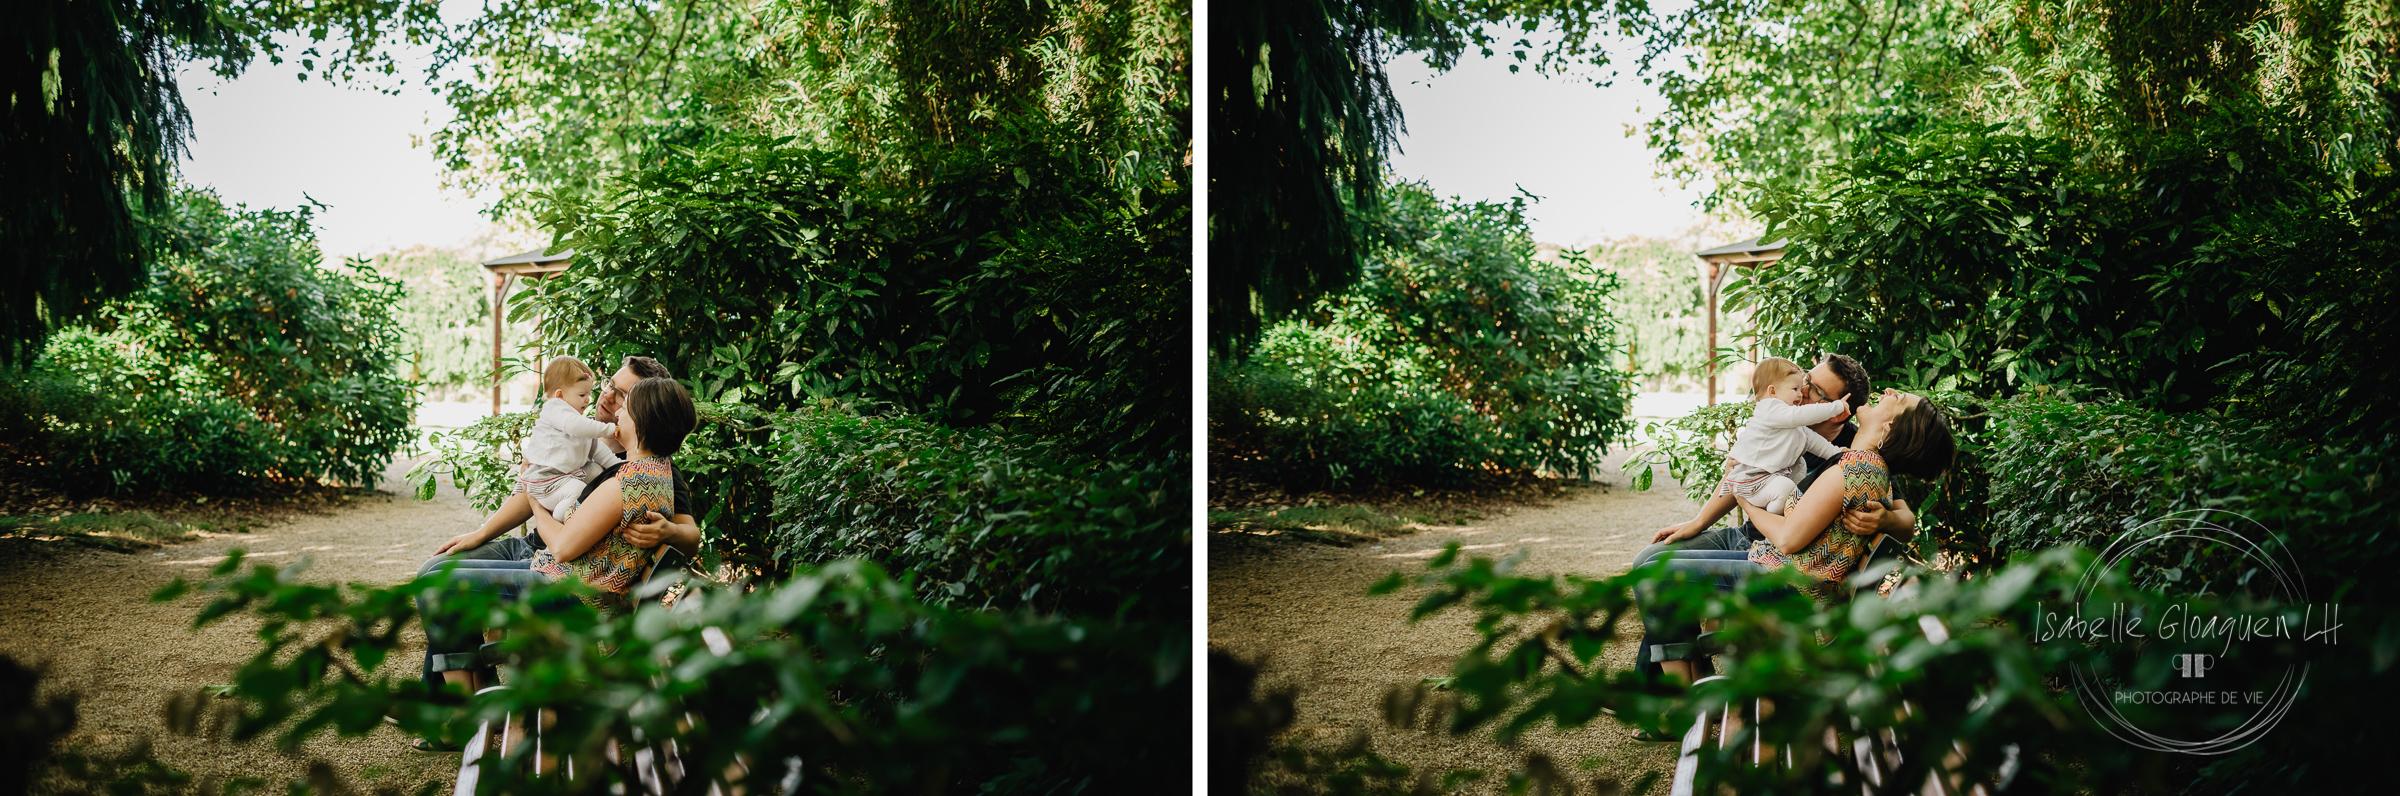 00019-PhotographeDeVie-Gloaguen-G&A